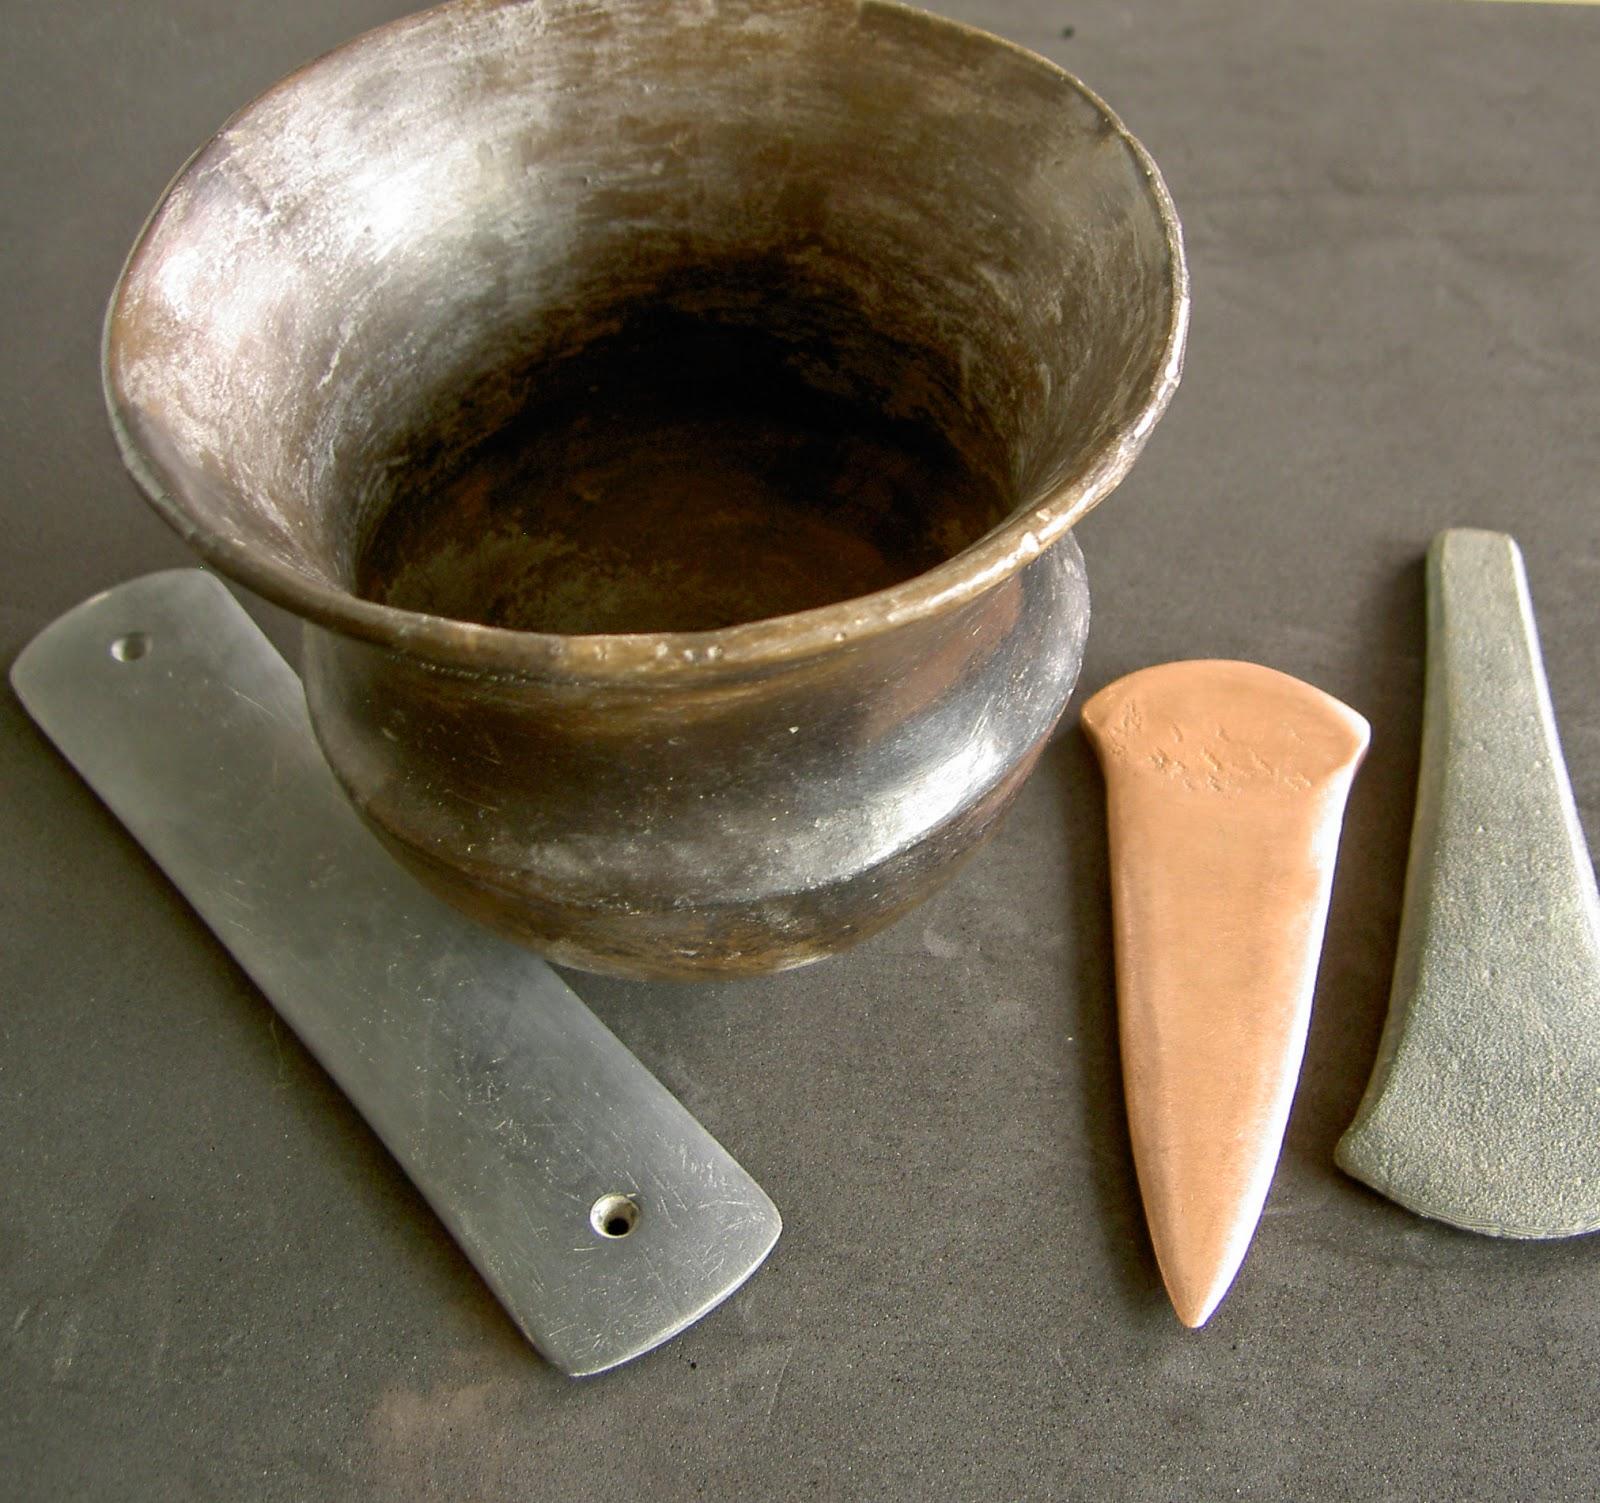 Ajuar argárico: brazalete de arquero o afilador de pizarra, hacha de cobre, puñal, tulipa